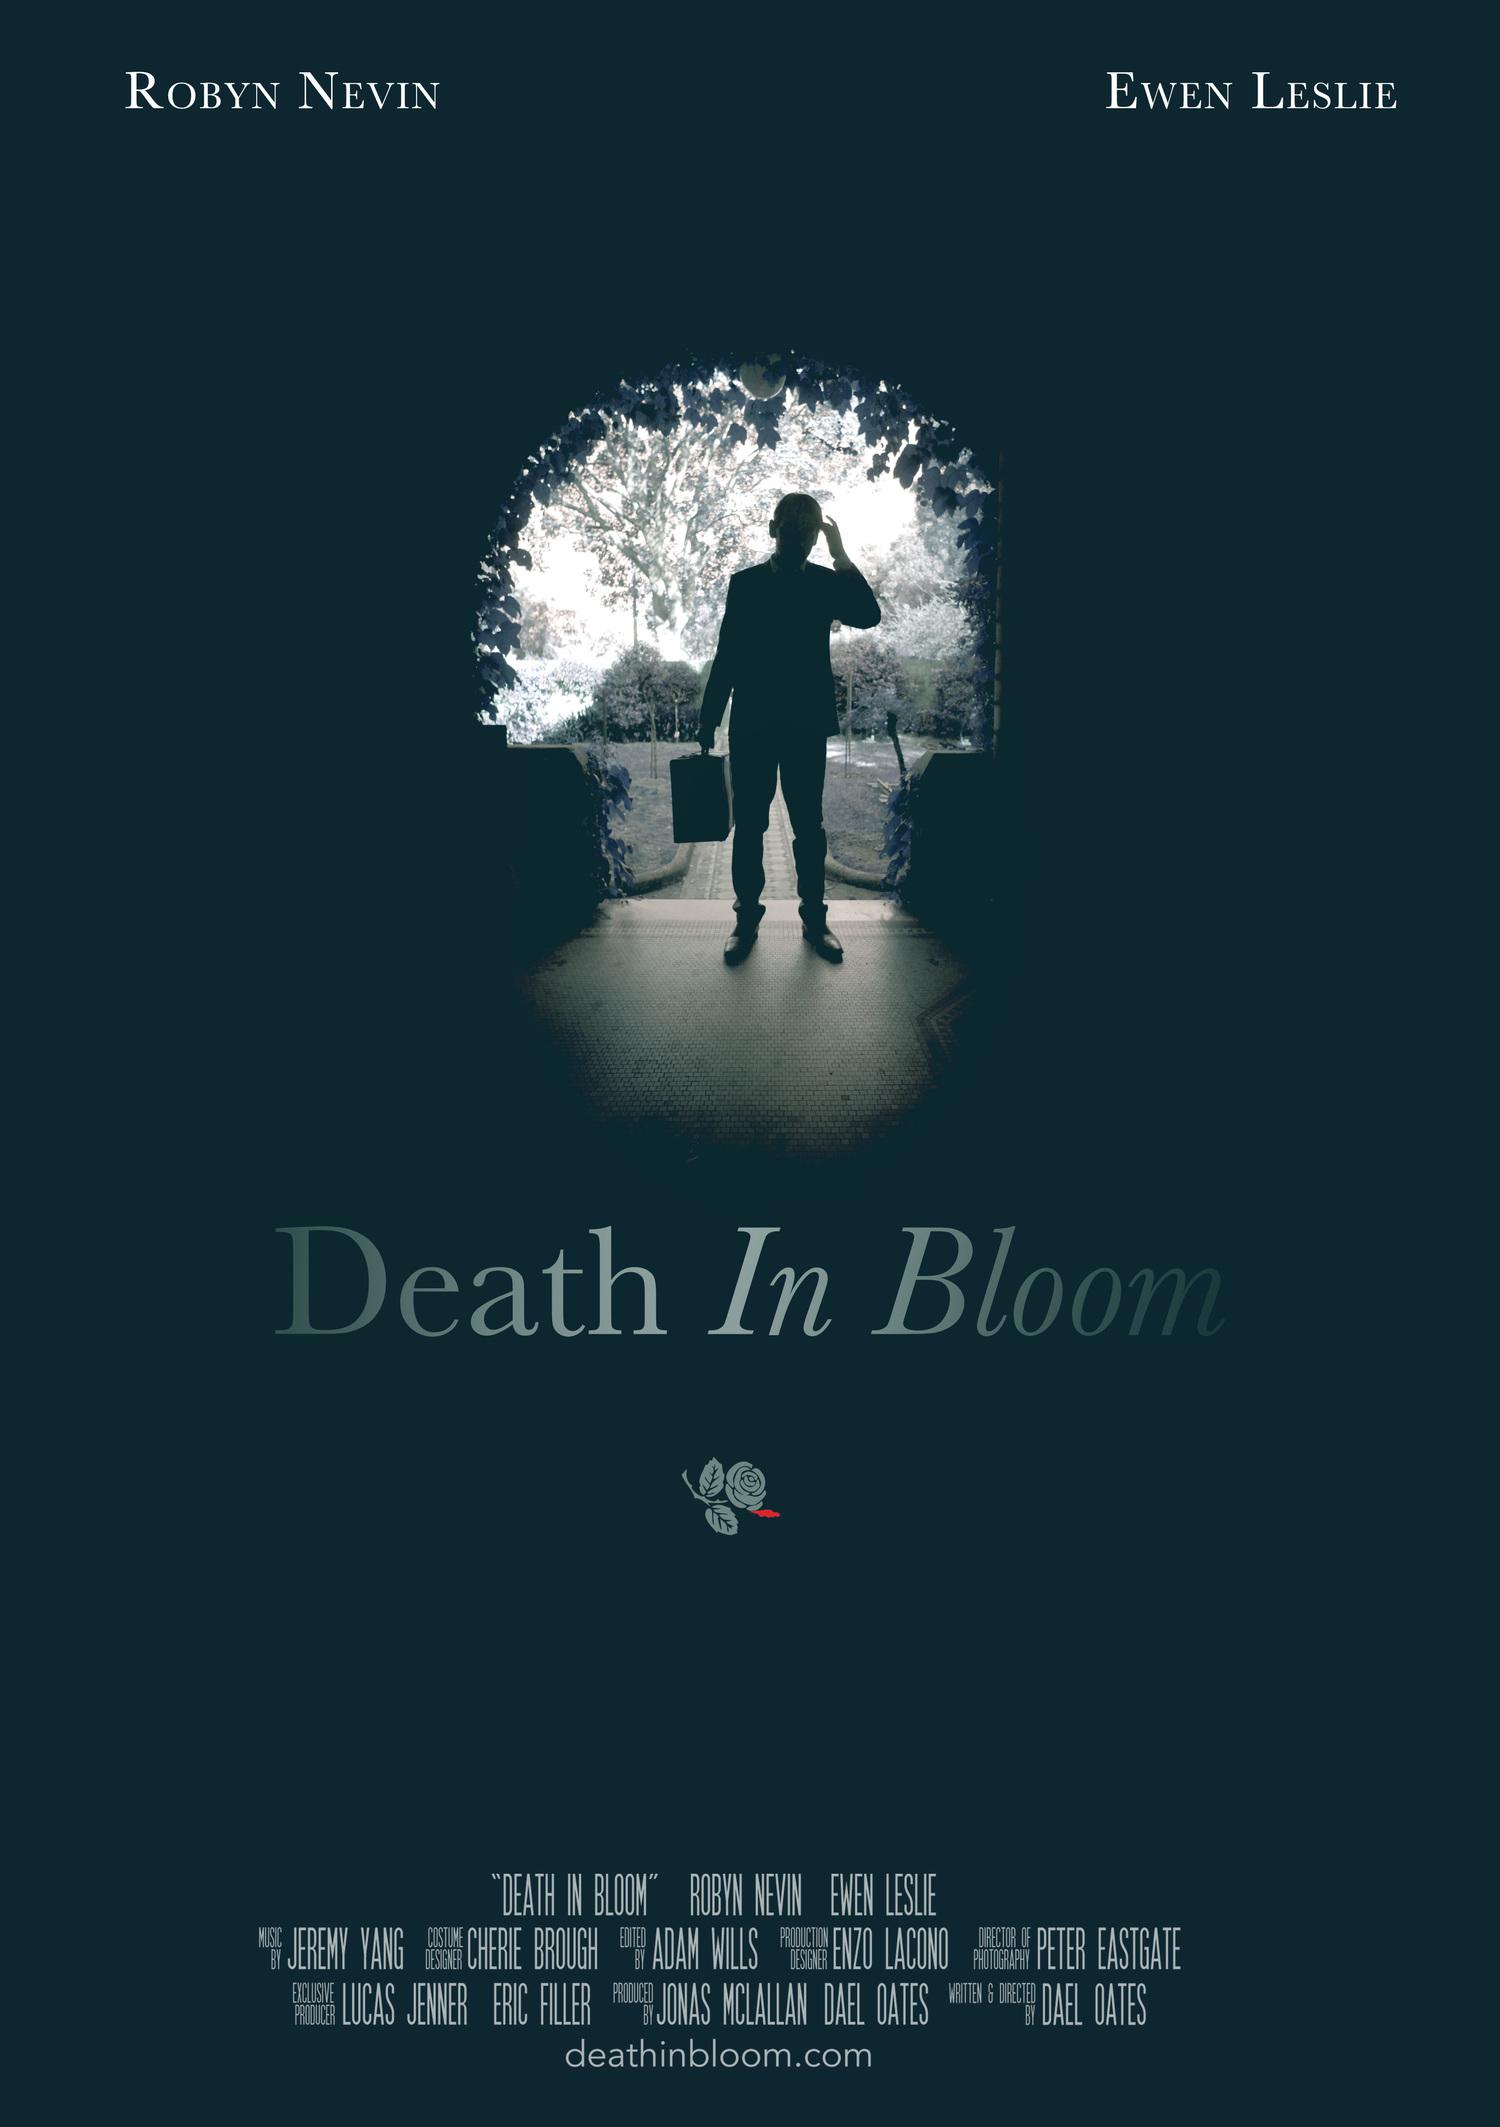 death in bloom poster.jpg